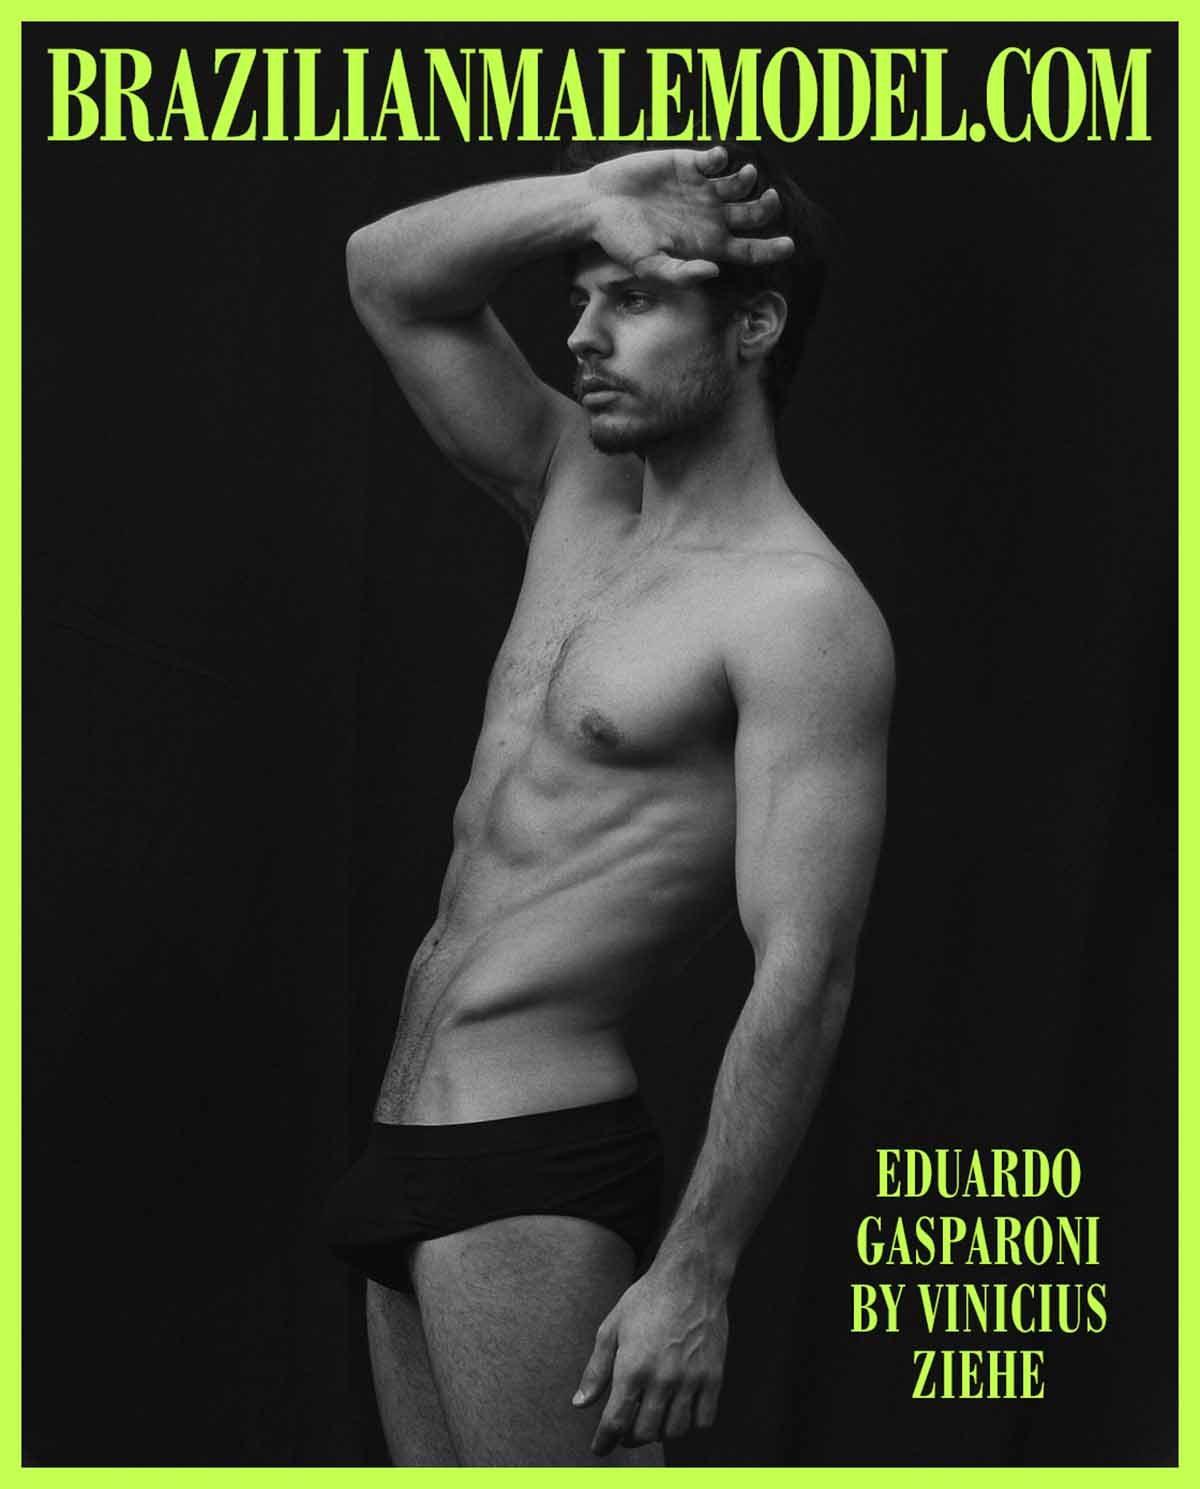 Eduardo Gasparoni by Vinicius Ziehe